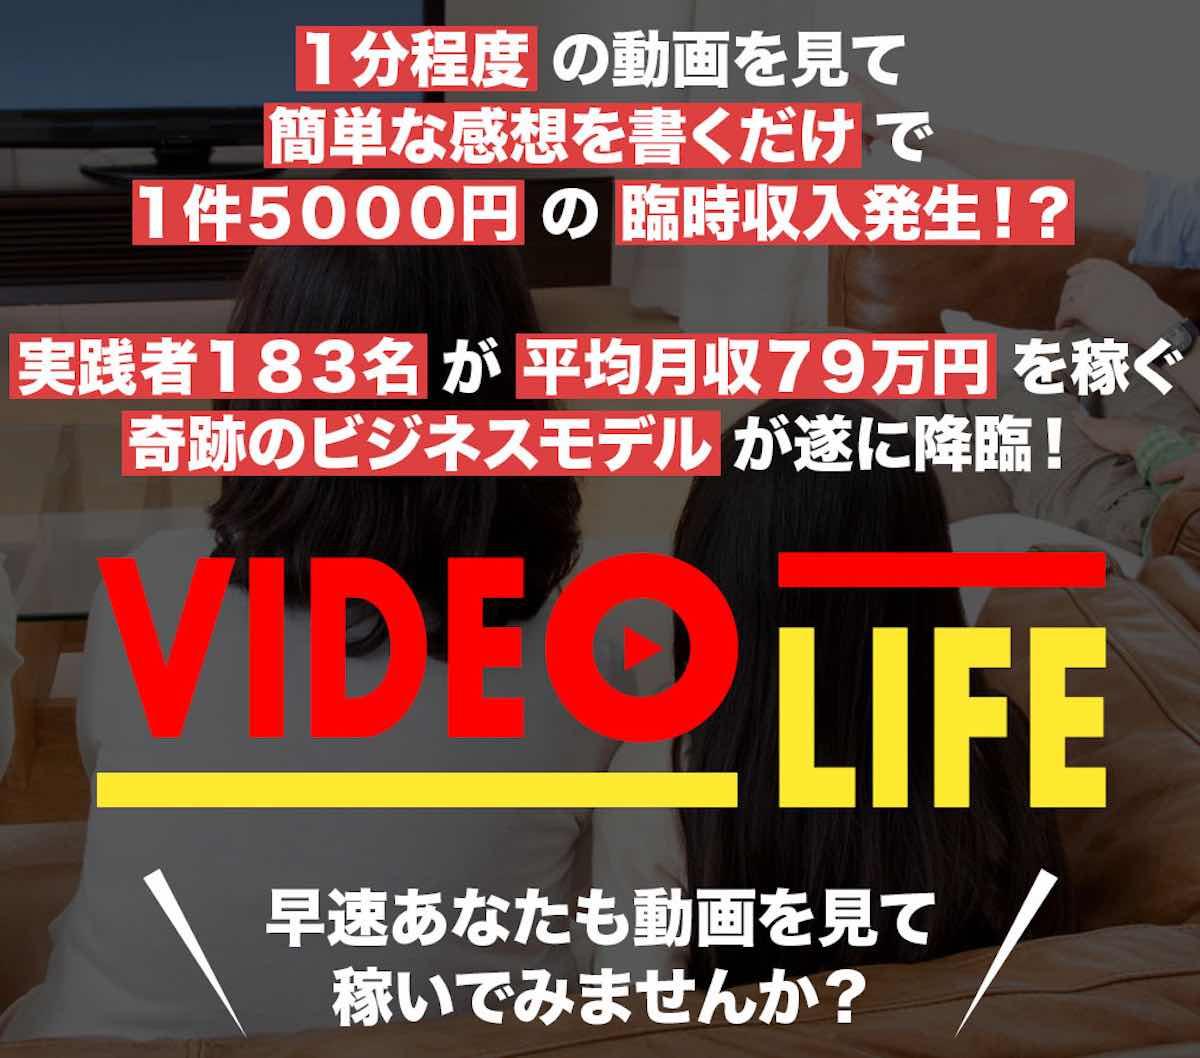 柴田雅人のVIDEO LIFE(ビデオライフ)は詐欺?動画を視聴するだけで稼げる怪しい副業の詳細!評判口コミ徹底検証